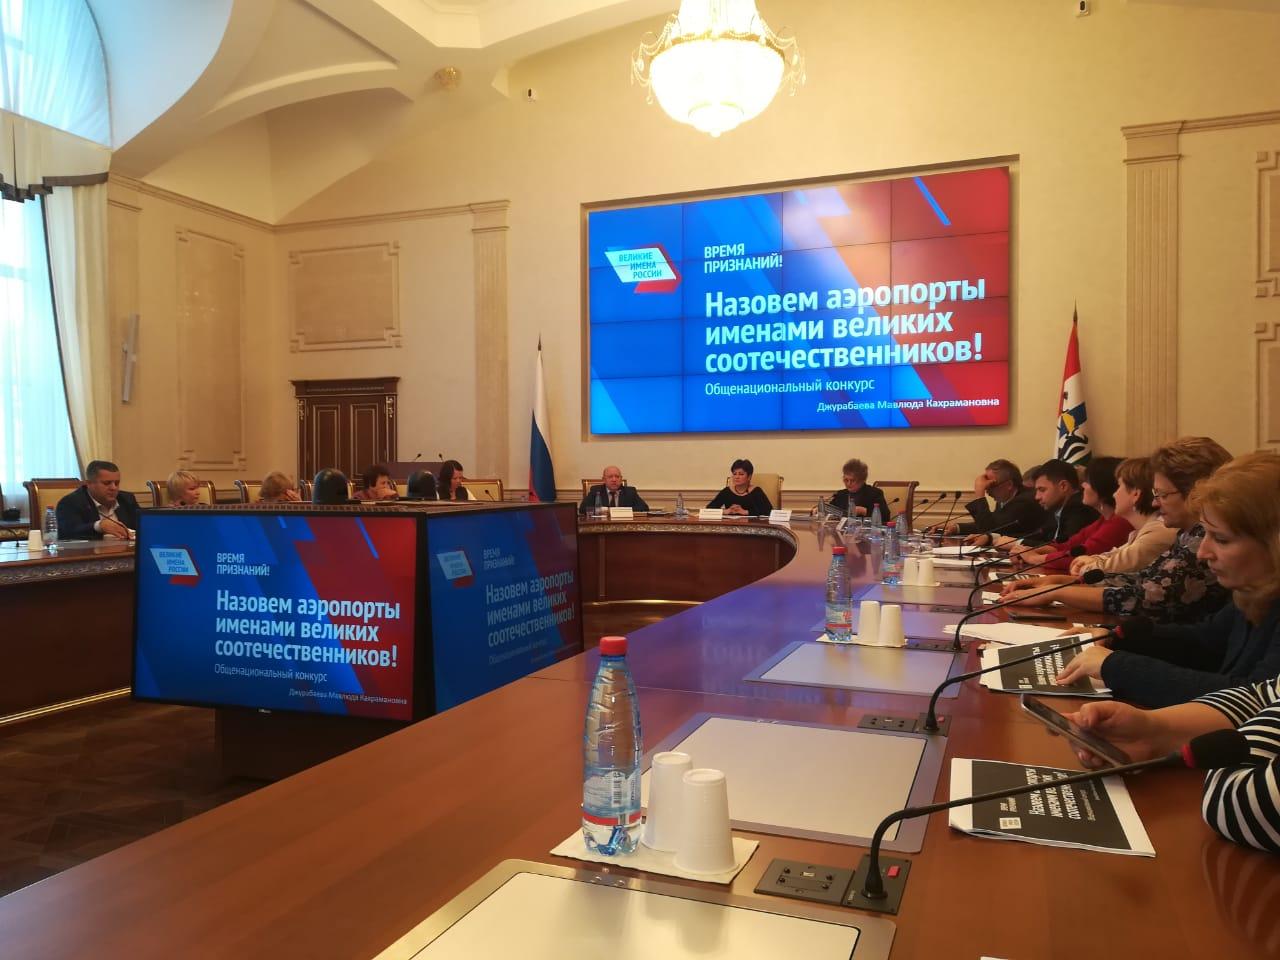 Состоялся круглый стол Общественной палаты Новосибирской области на тему «Великие имена России»